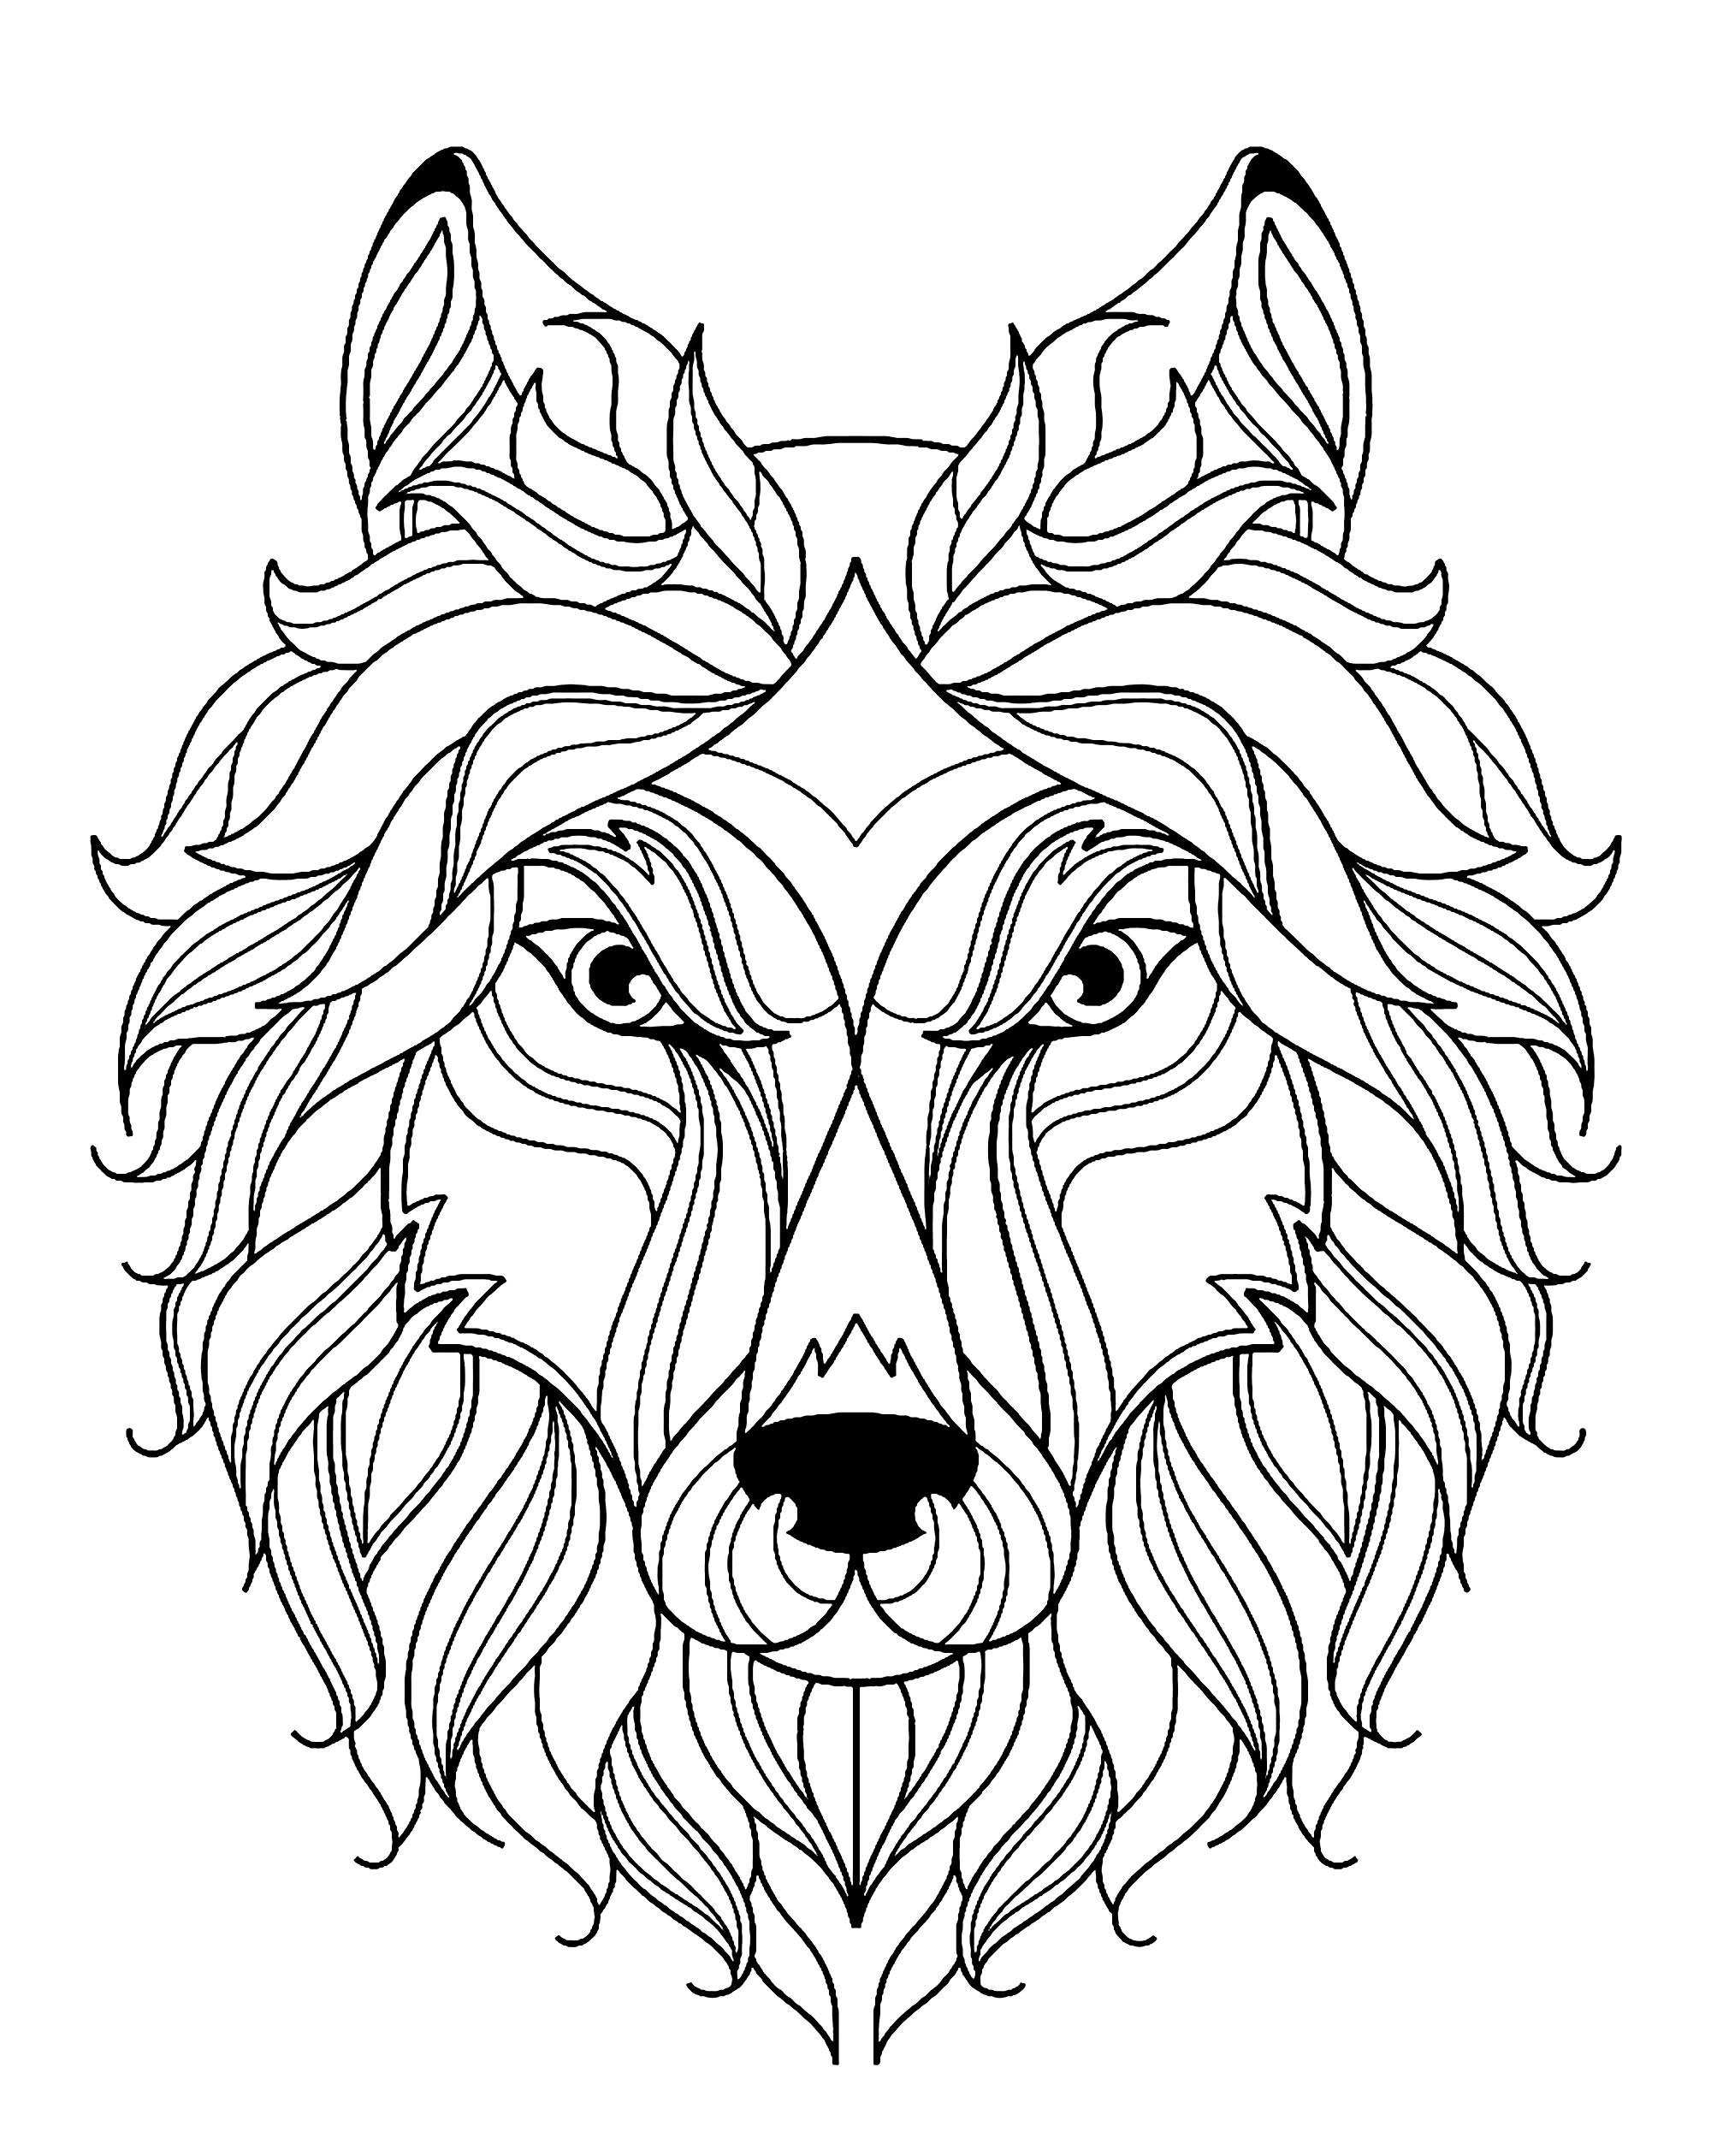 Tete de loup simple loups coloriages difficiles pour adultes - Tete de loup dessin ...